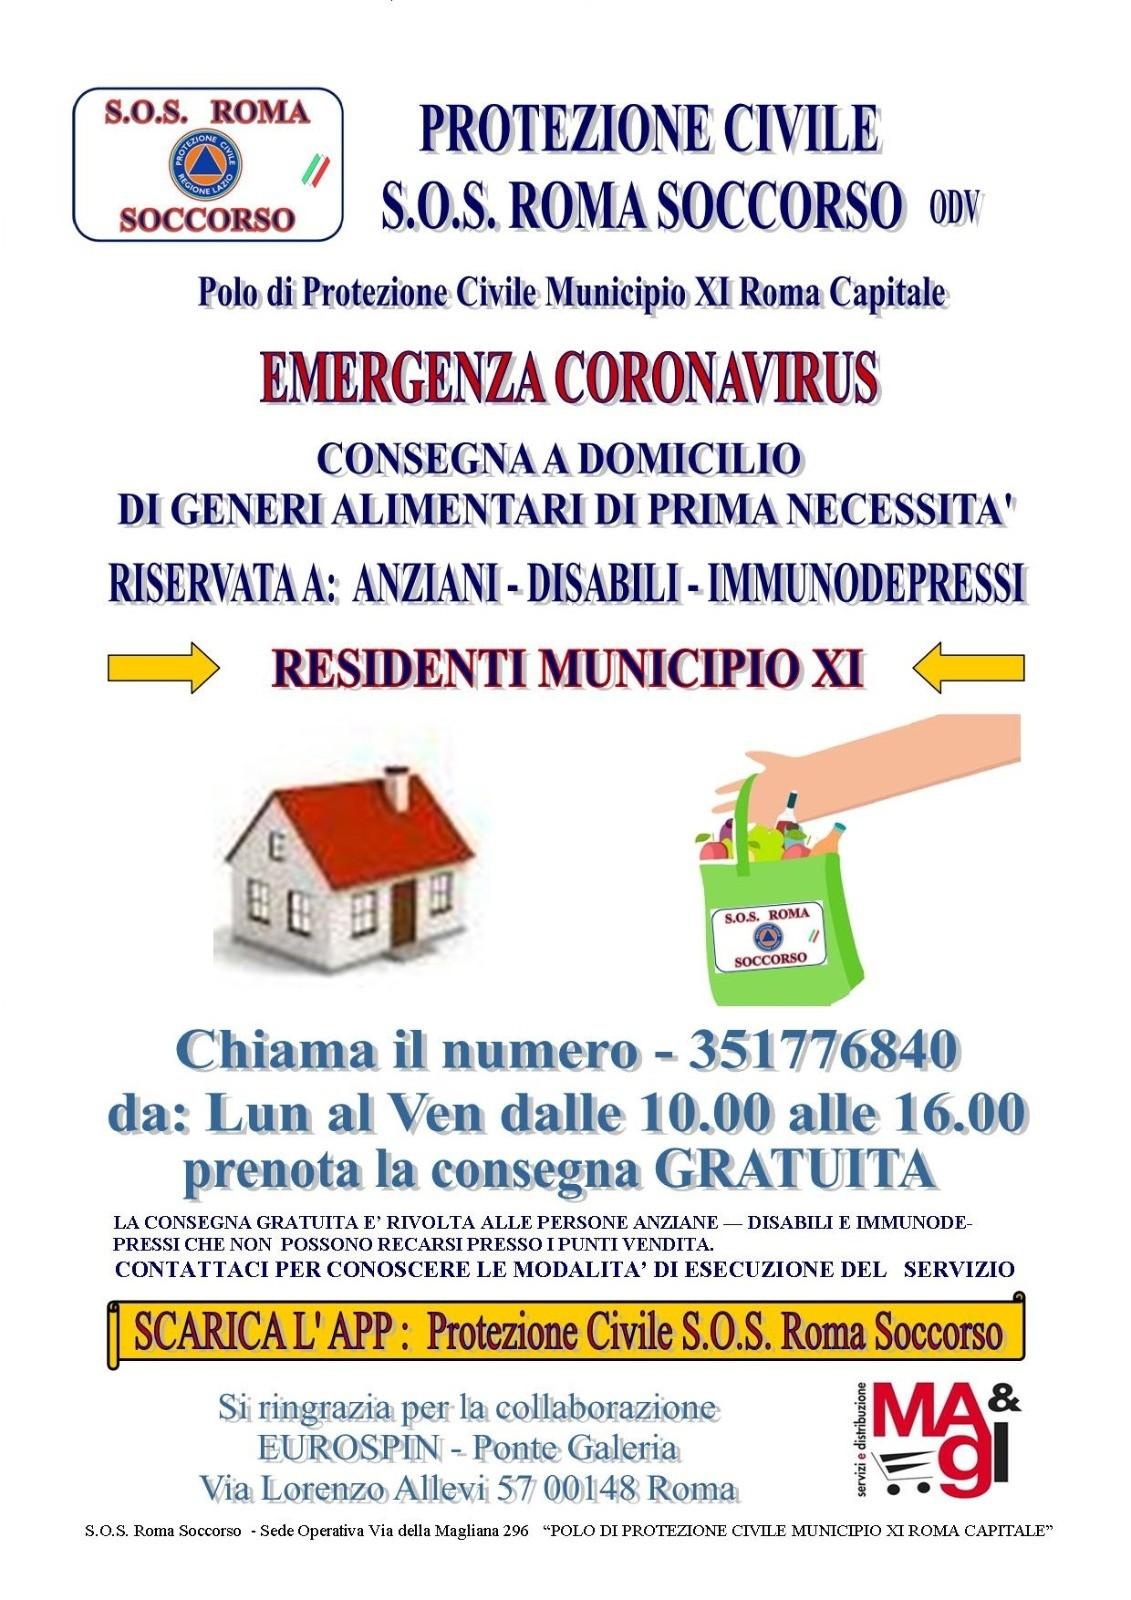 S.o.S. Roma Soccorso Protezione Civile. Chiama il 351776840 Lunedì al Venerdì dalle 10.00 alle 16.00